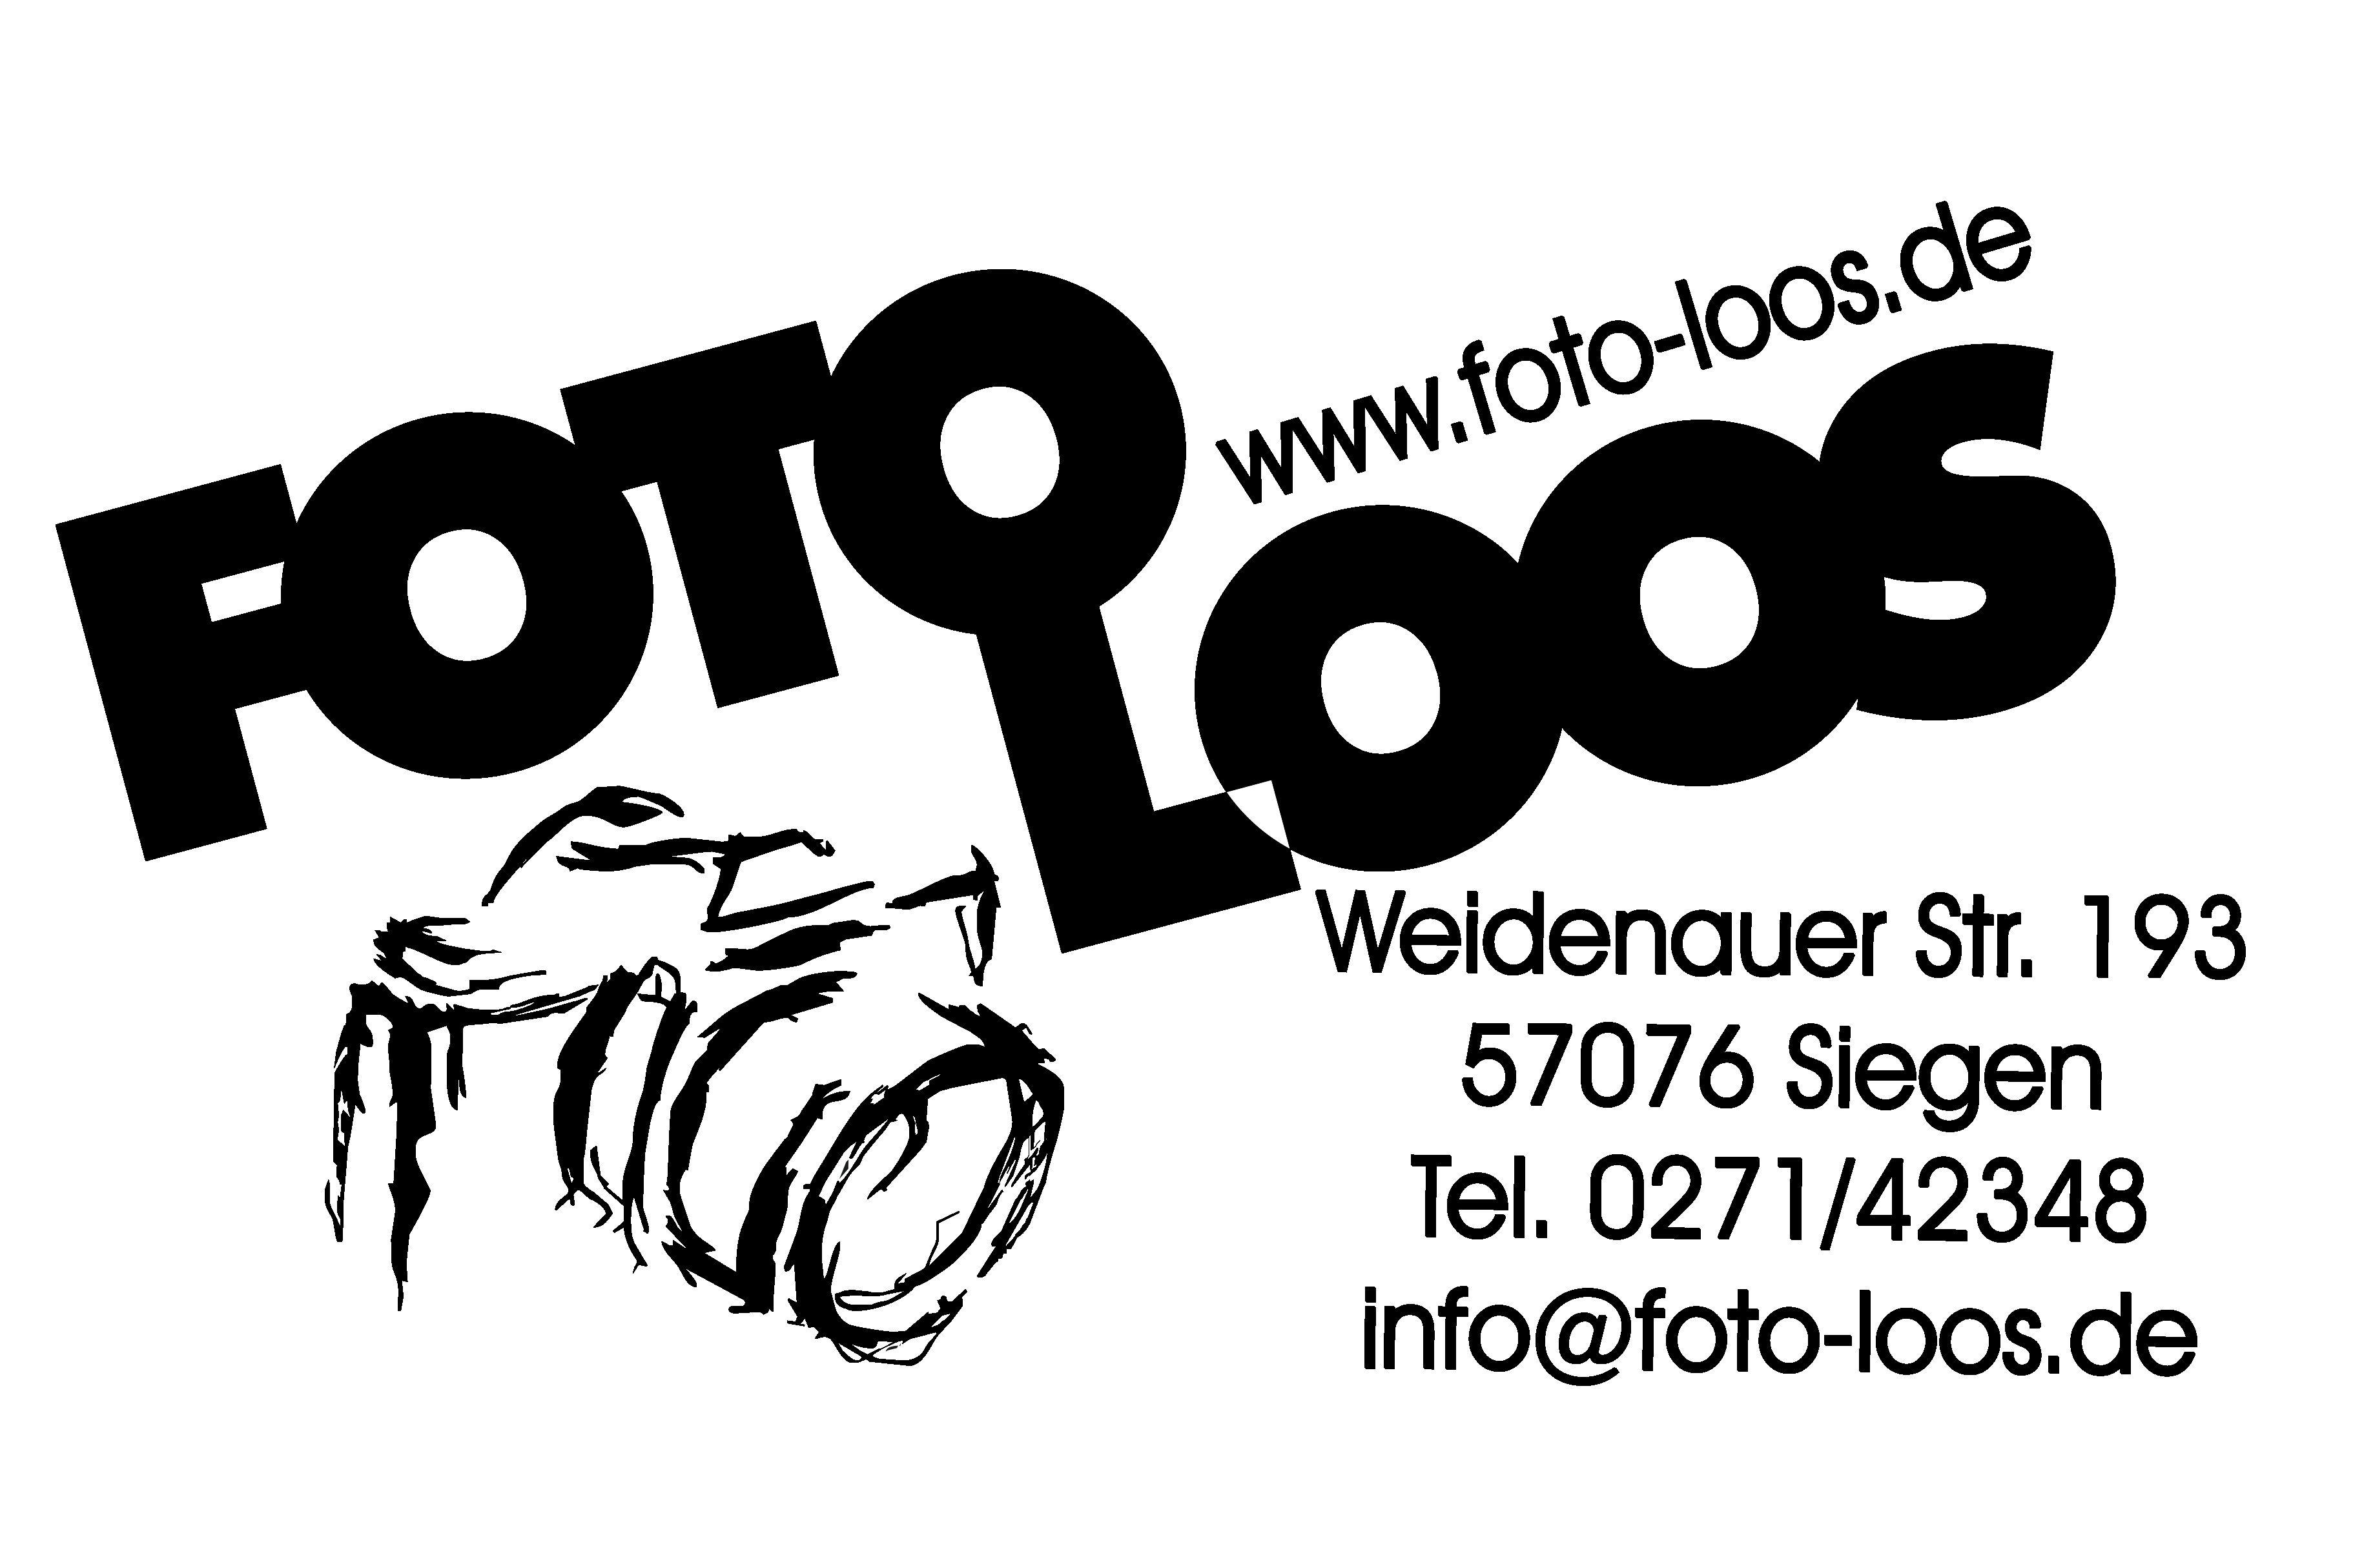 Foto Loos